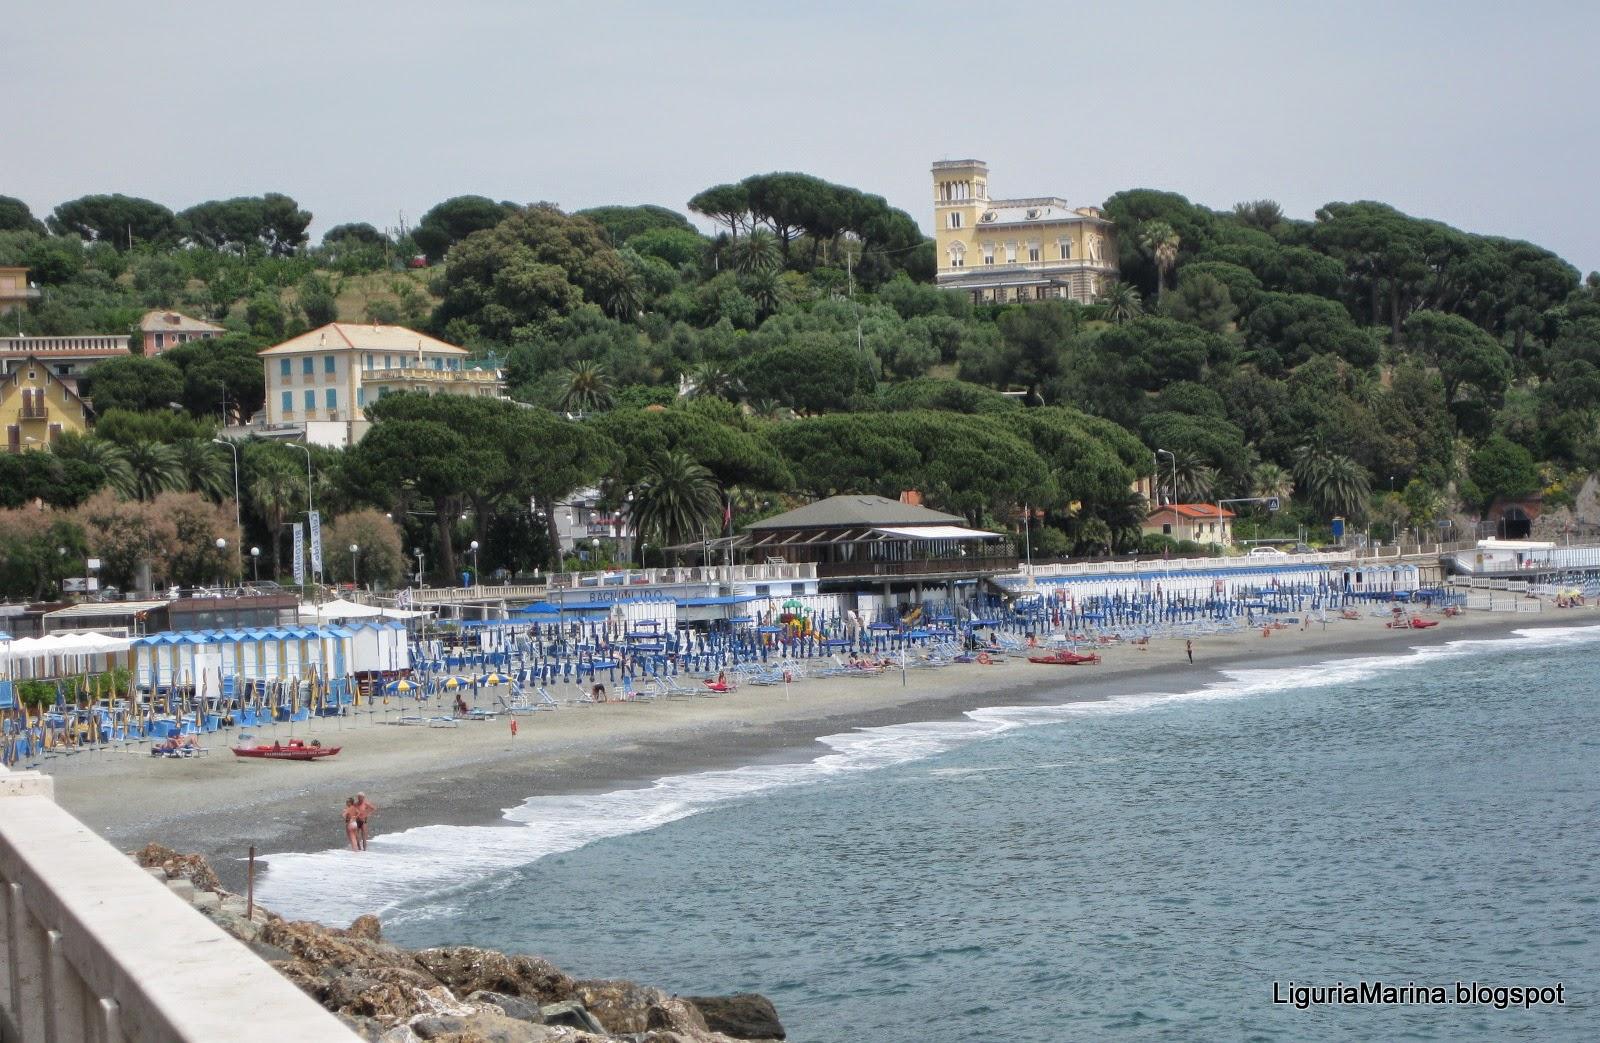 LiguriaMarina Celle Ligure